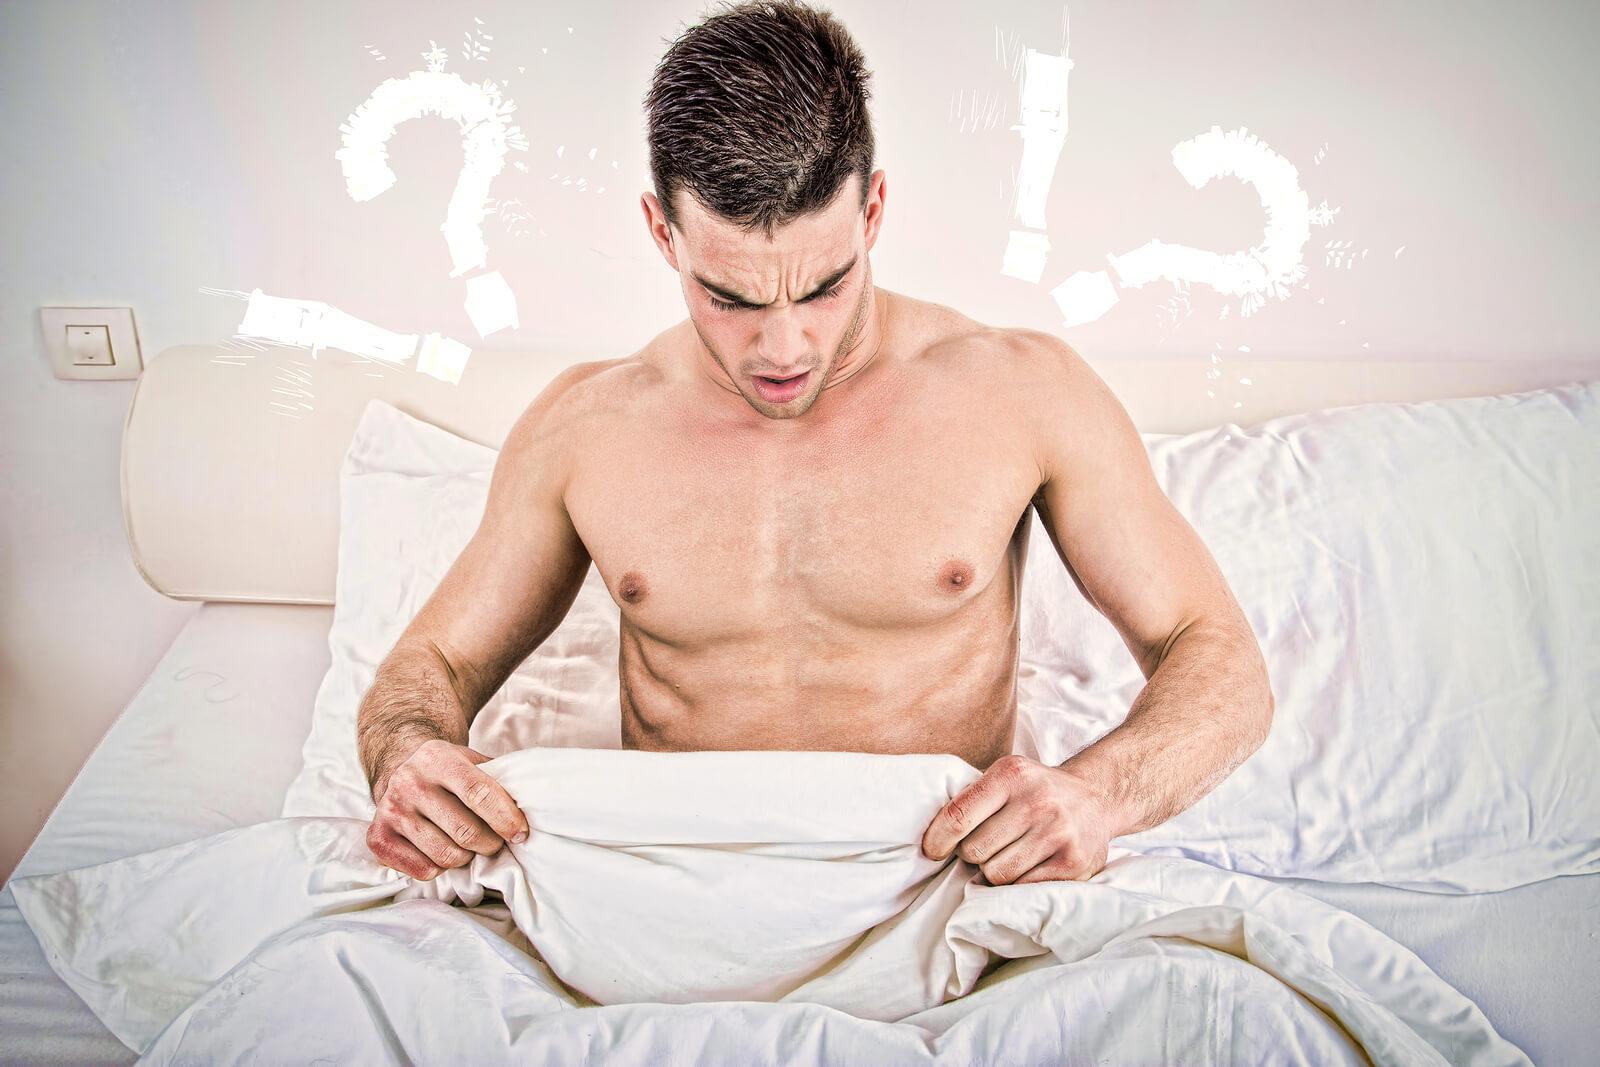 Totul despre sex: Afla cum poti sa-ti maresti penisul! - bogdanbarabas.ro